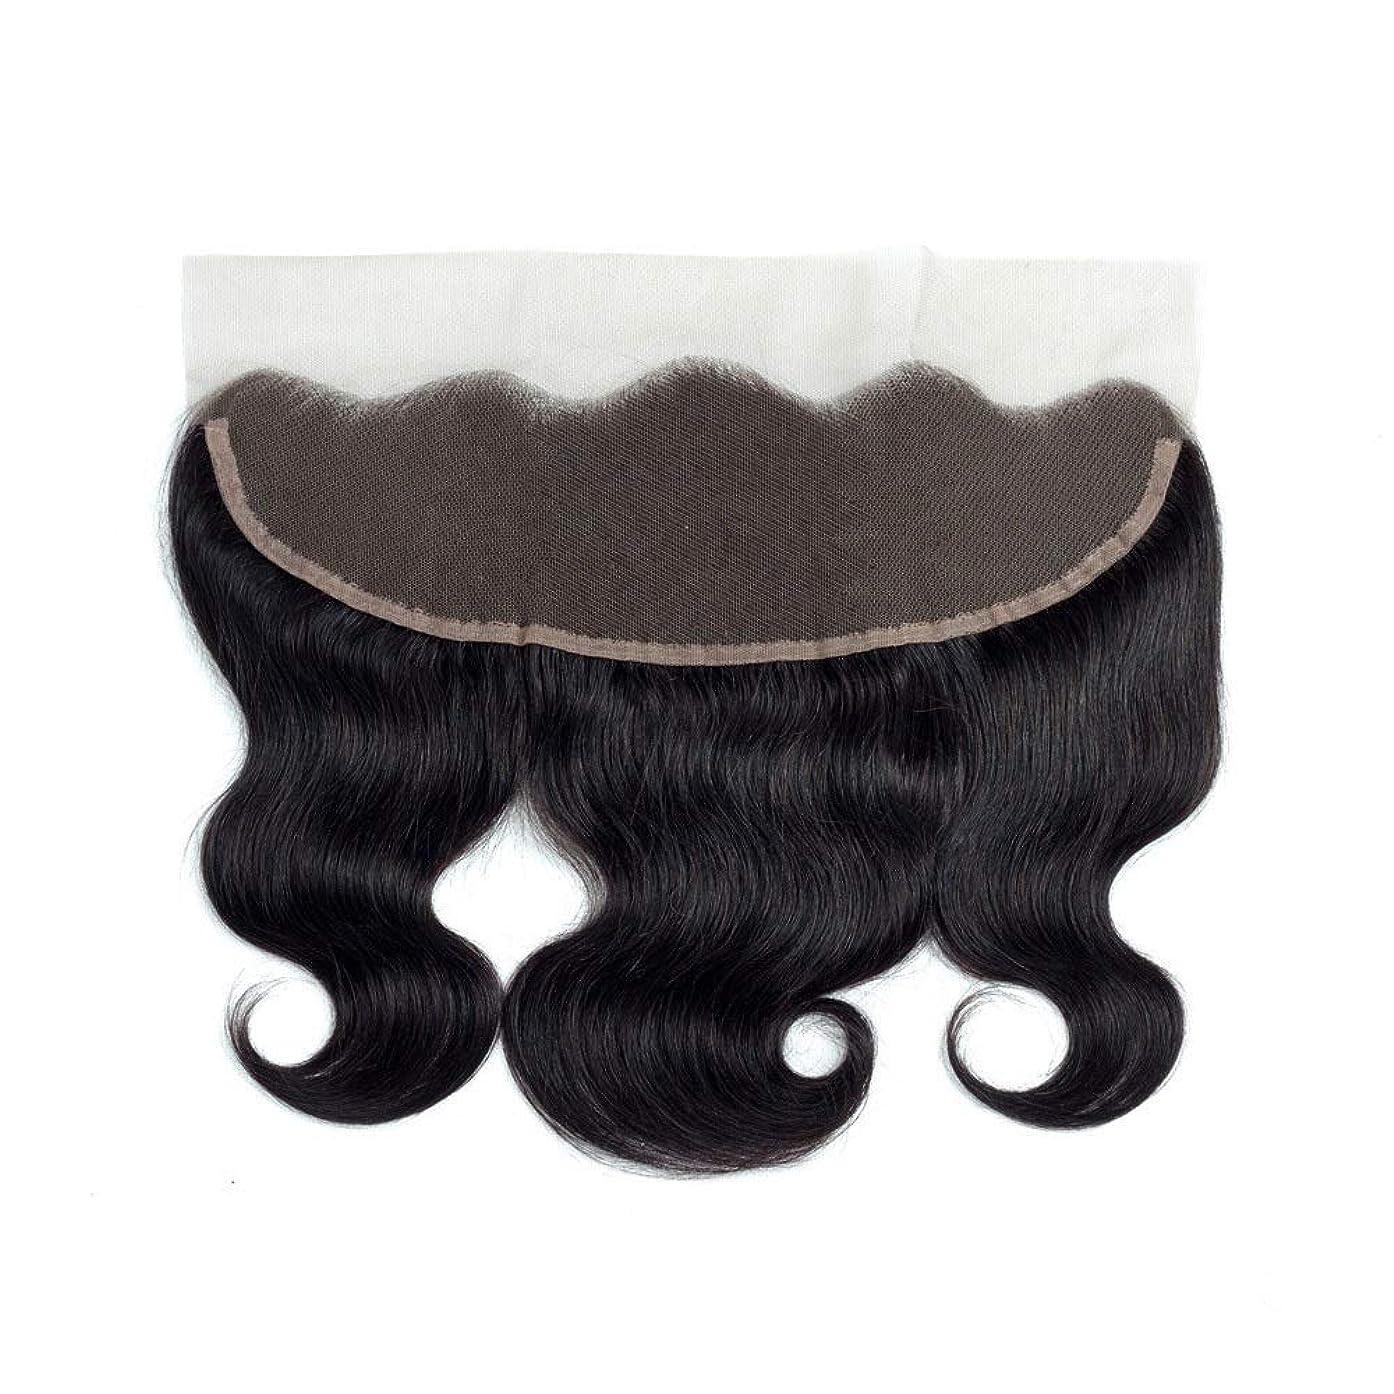 惑星理容師理論的Yrattary ブラジル髪の閉鎖13 * 4レース前頭波人間の髪の毛の自然な黒い色女性合成かつらレースかつらロールプレイングかつら (色 : 黒, サイズ : 18 inch)